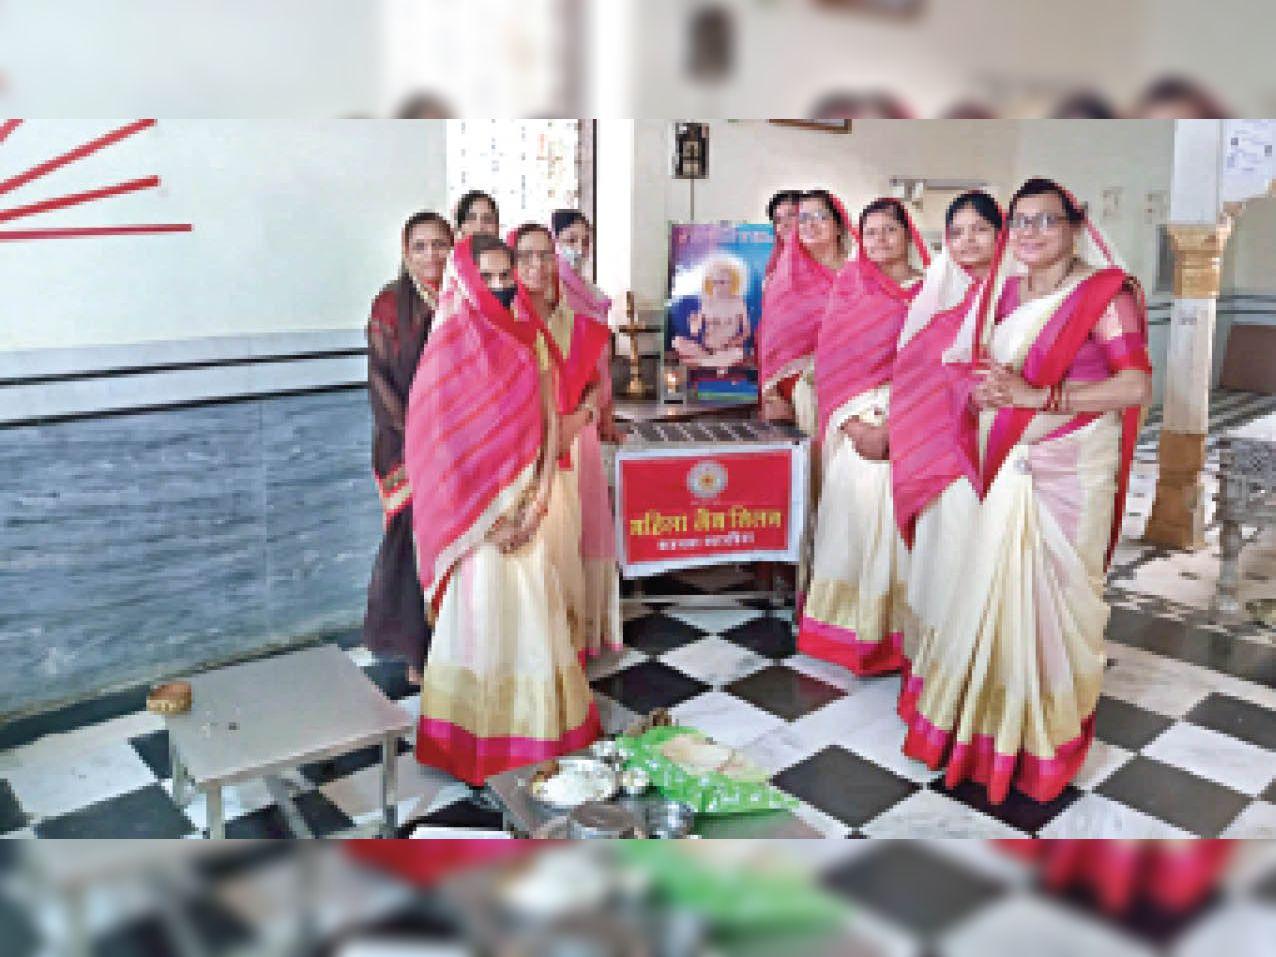 महाआरती करती दिगंबर जैन महा समिति व महिला जैन मिलन की सदस्य। - Dainik Bhaskar